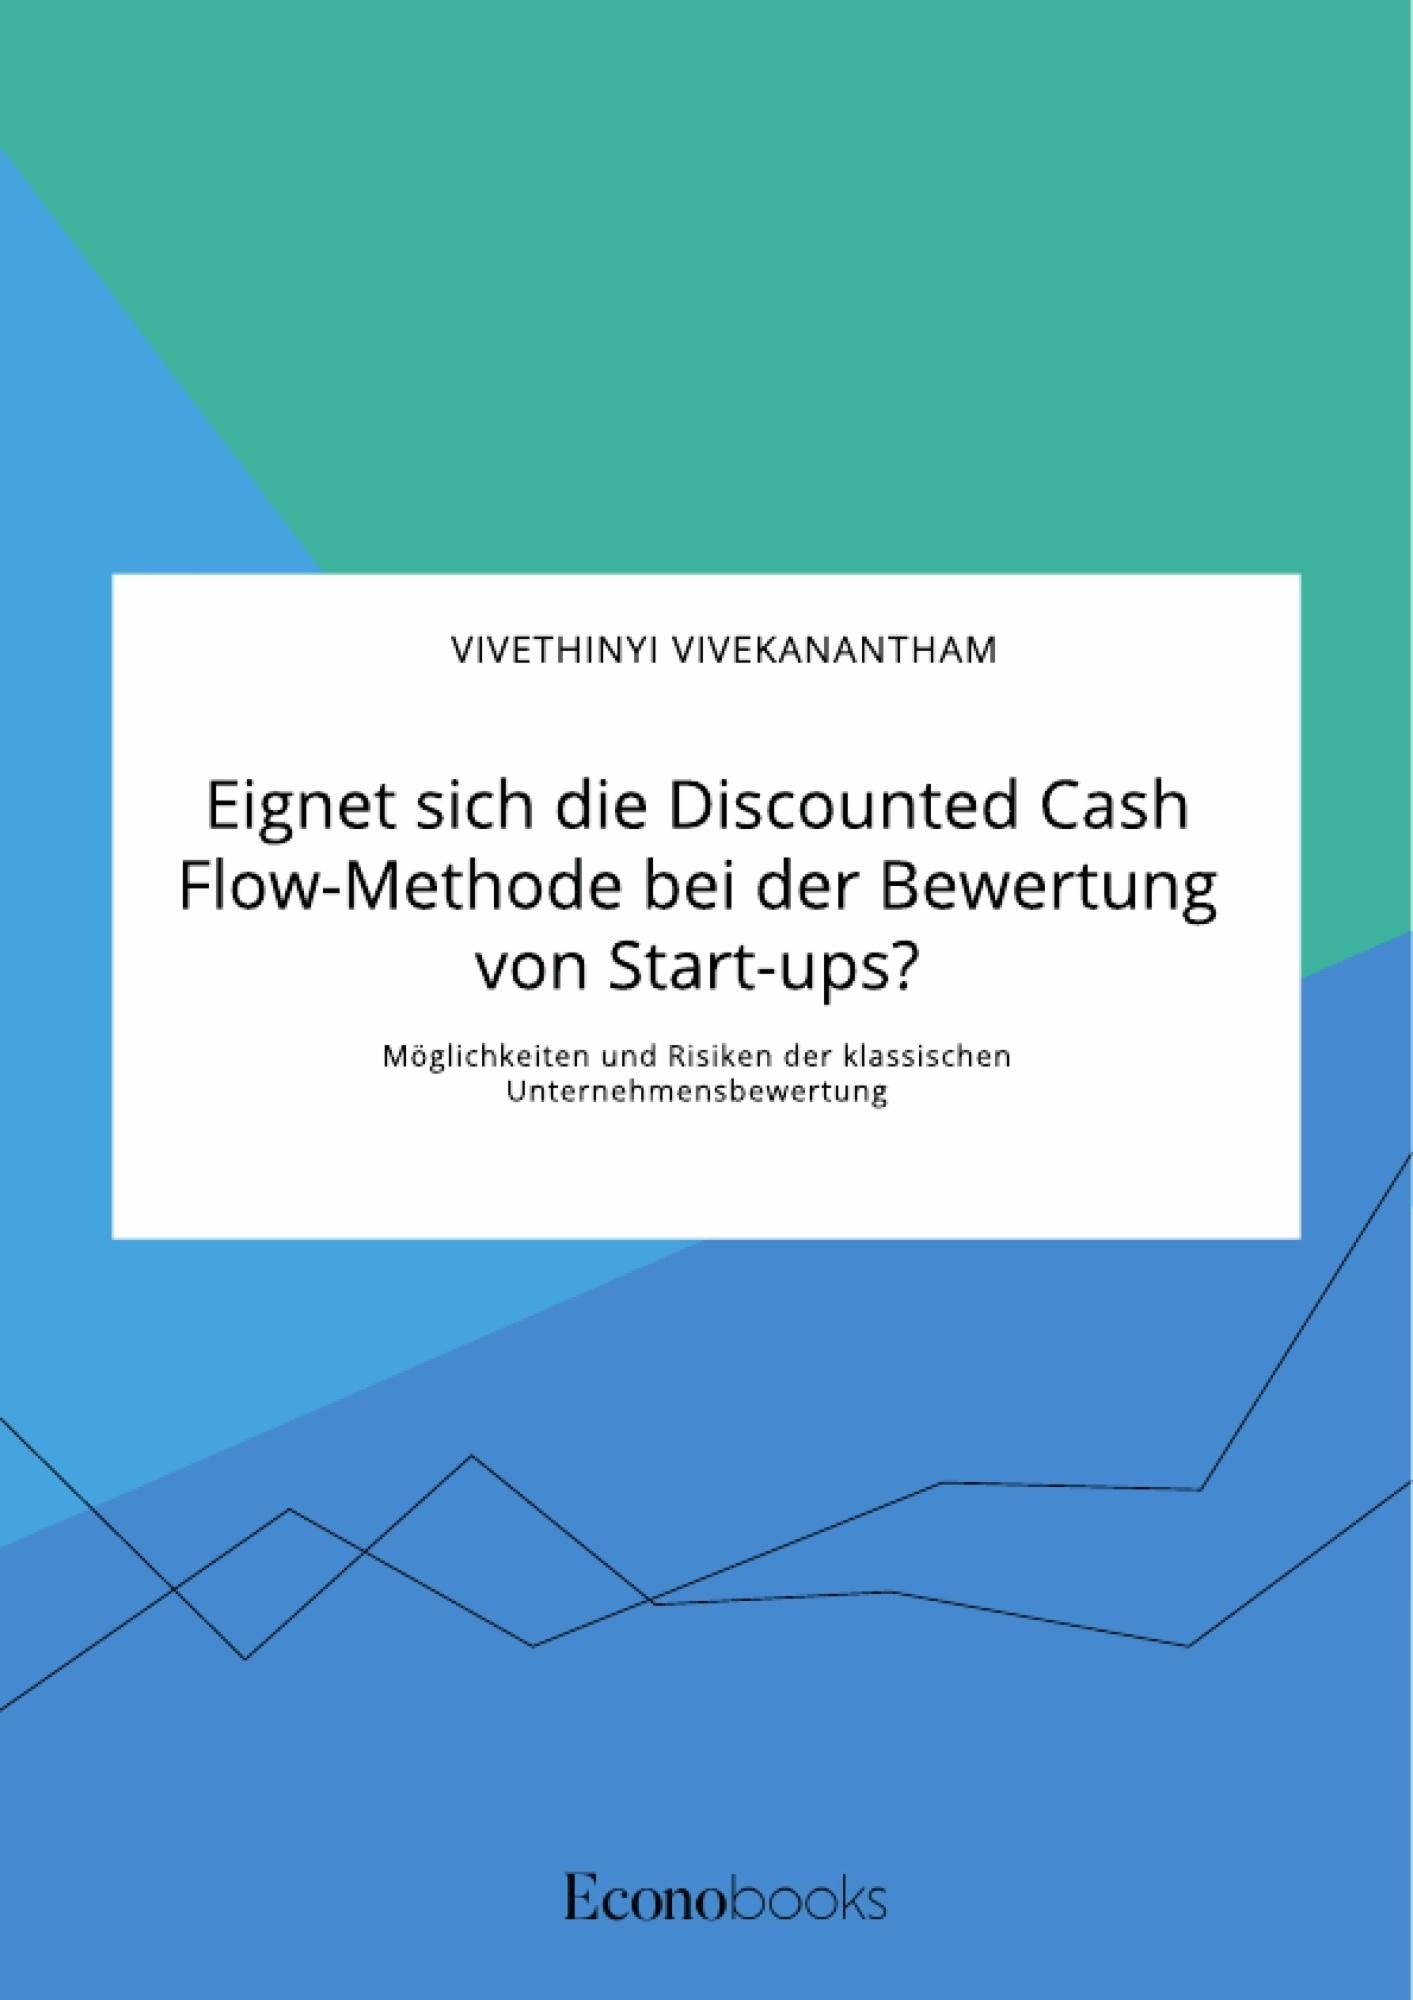 Titel: Eignet sich die Discounted Cash Flow-Methode bei der Bewertung von Start-ups? Möglichkeiten und Risiken der klassischen Unternehmensbewertung